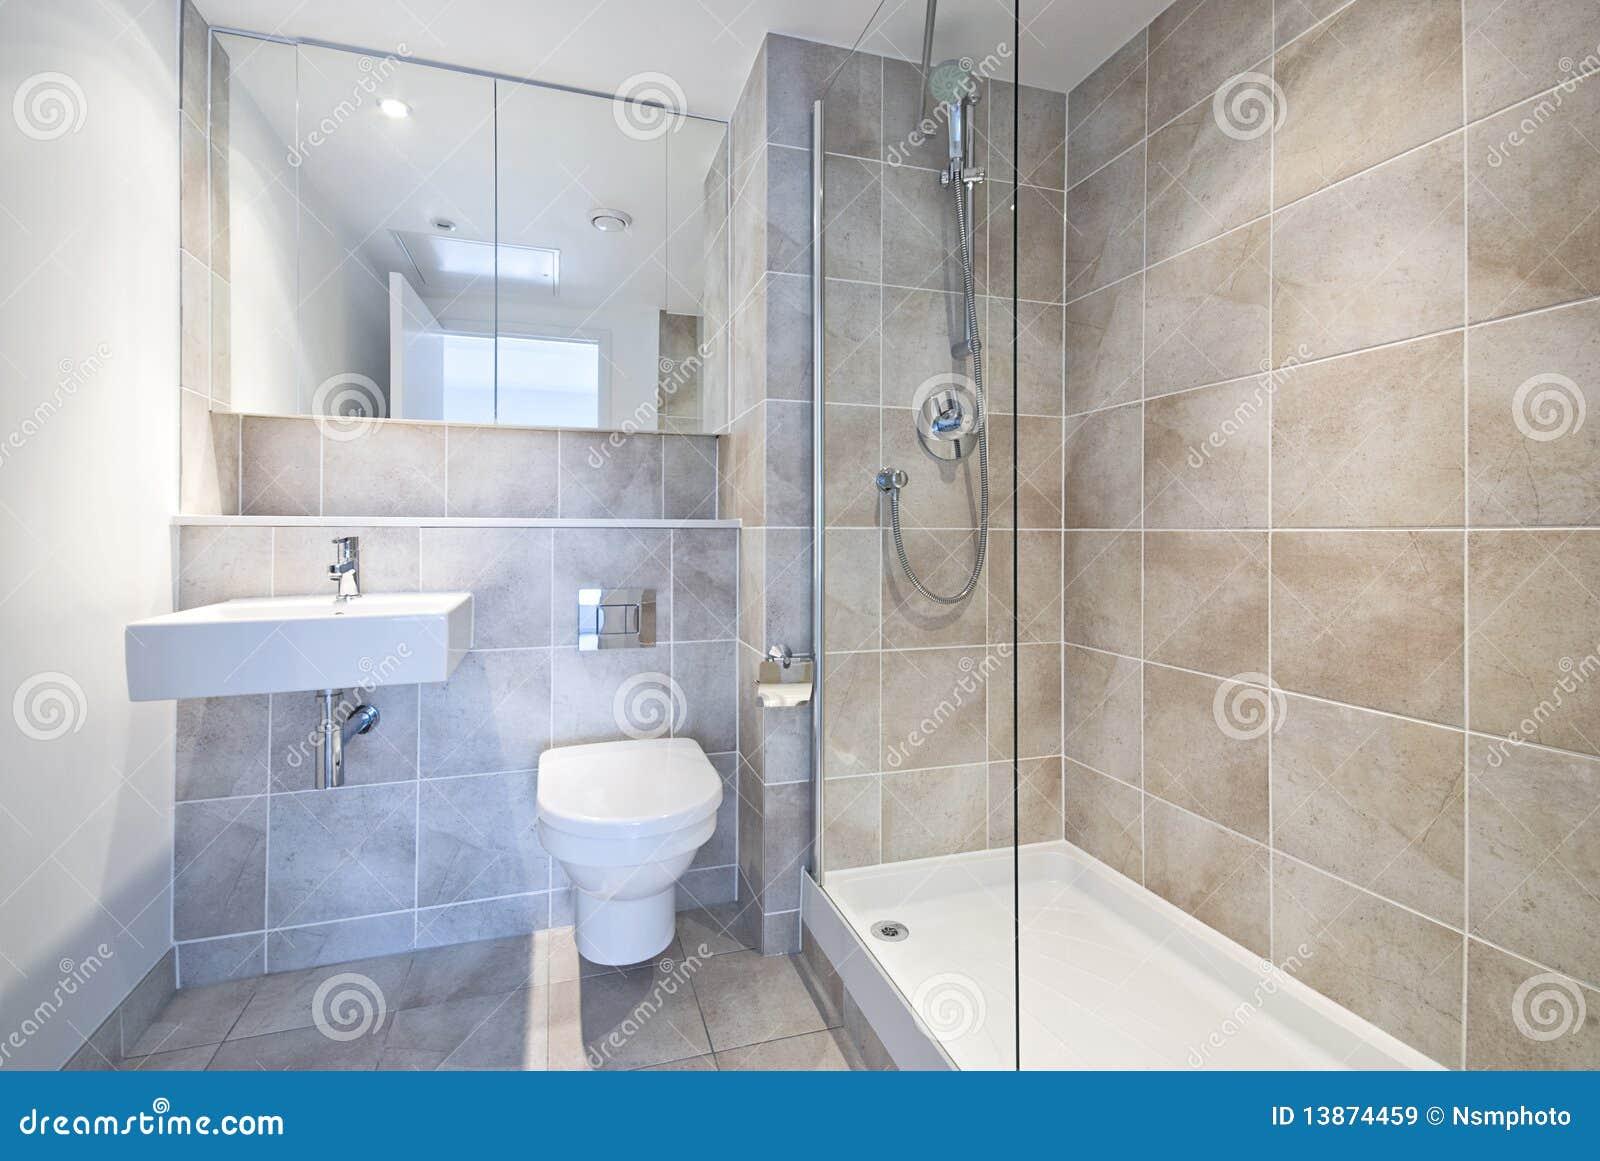 Salle de bains moderne de suite d 39 en avec la grande douche for Salle de bain moderne avec douche